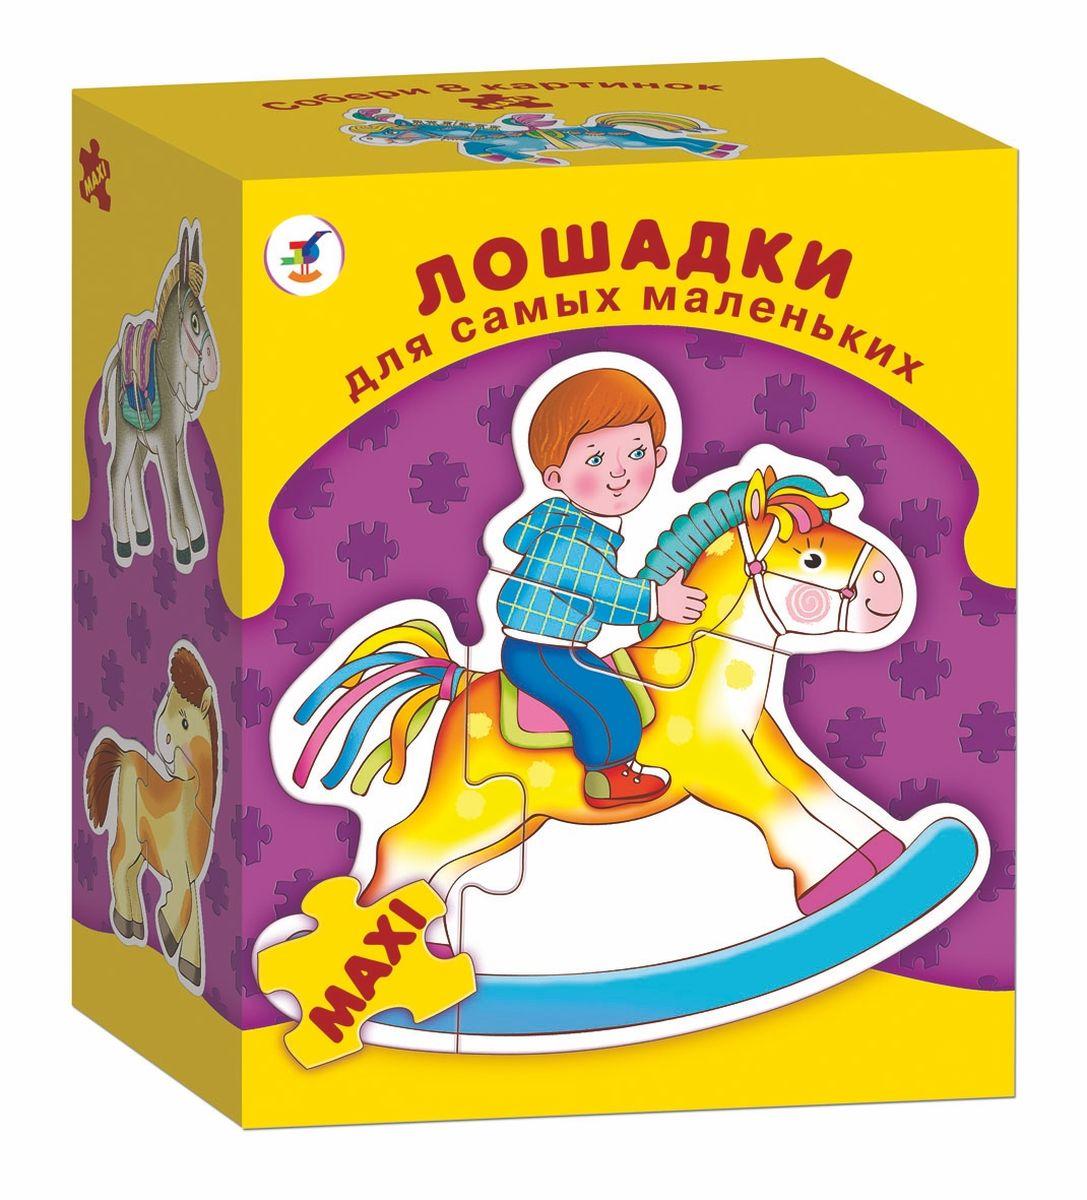 Дрофа-Медиа Пазл для малышей Лошадки 8 в 1 дрофа медиа пазл для малышей играй и собирай 4 в 1 2938